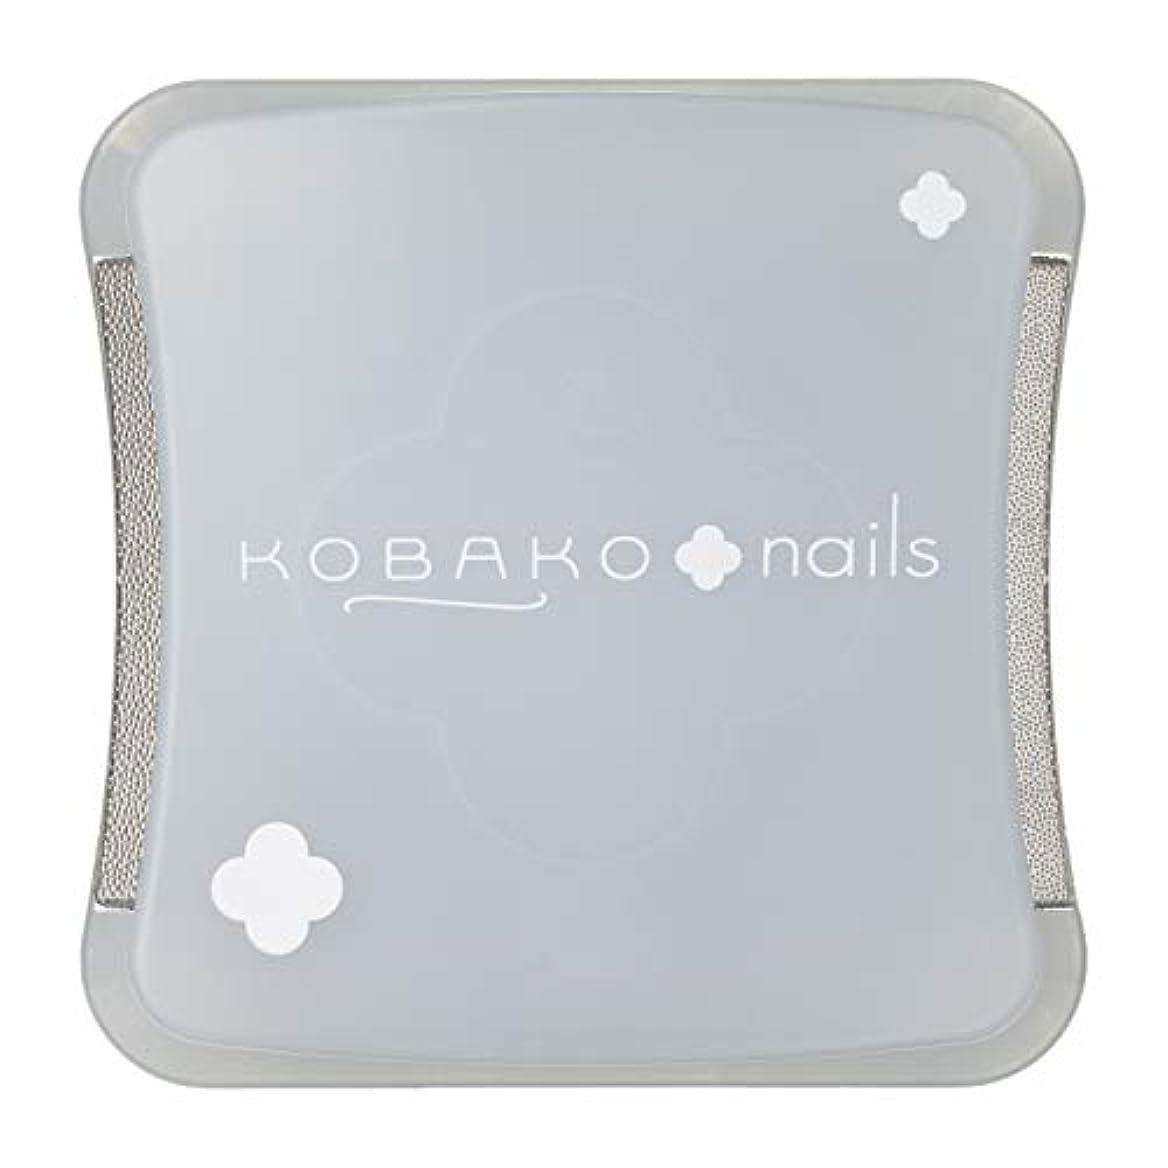 劇場慎重に先のことを考えるKOBAKO(コバコ) コンパクトネイルファイル